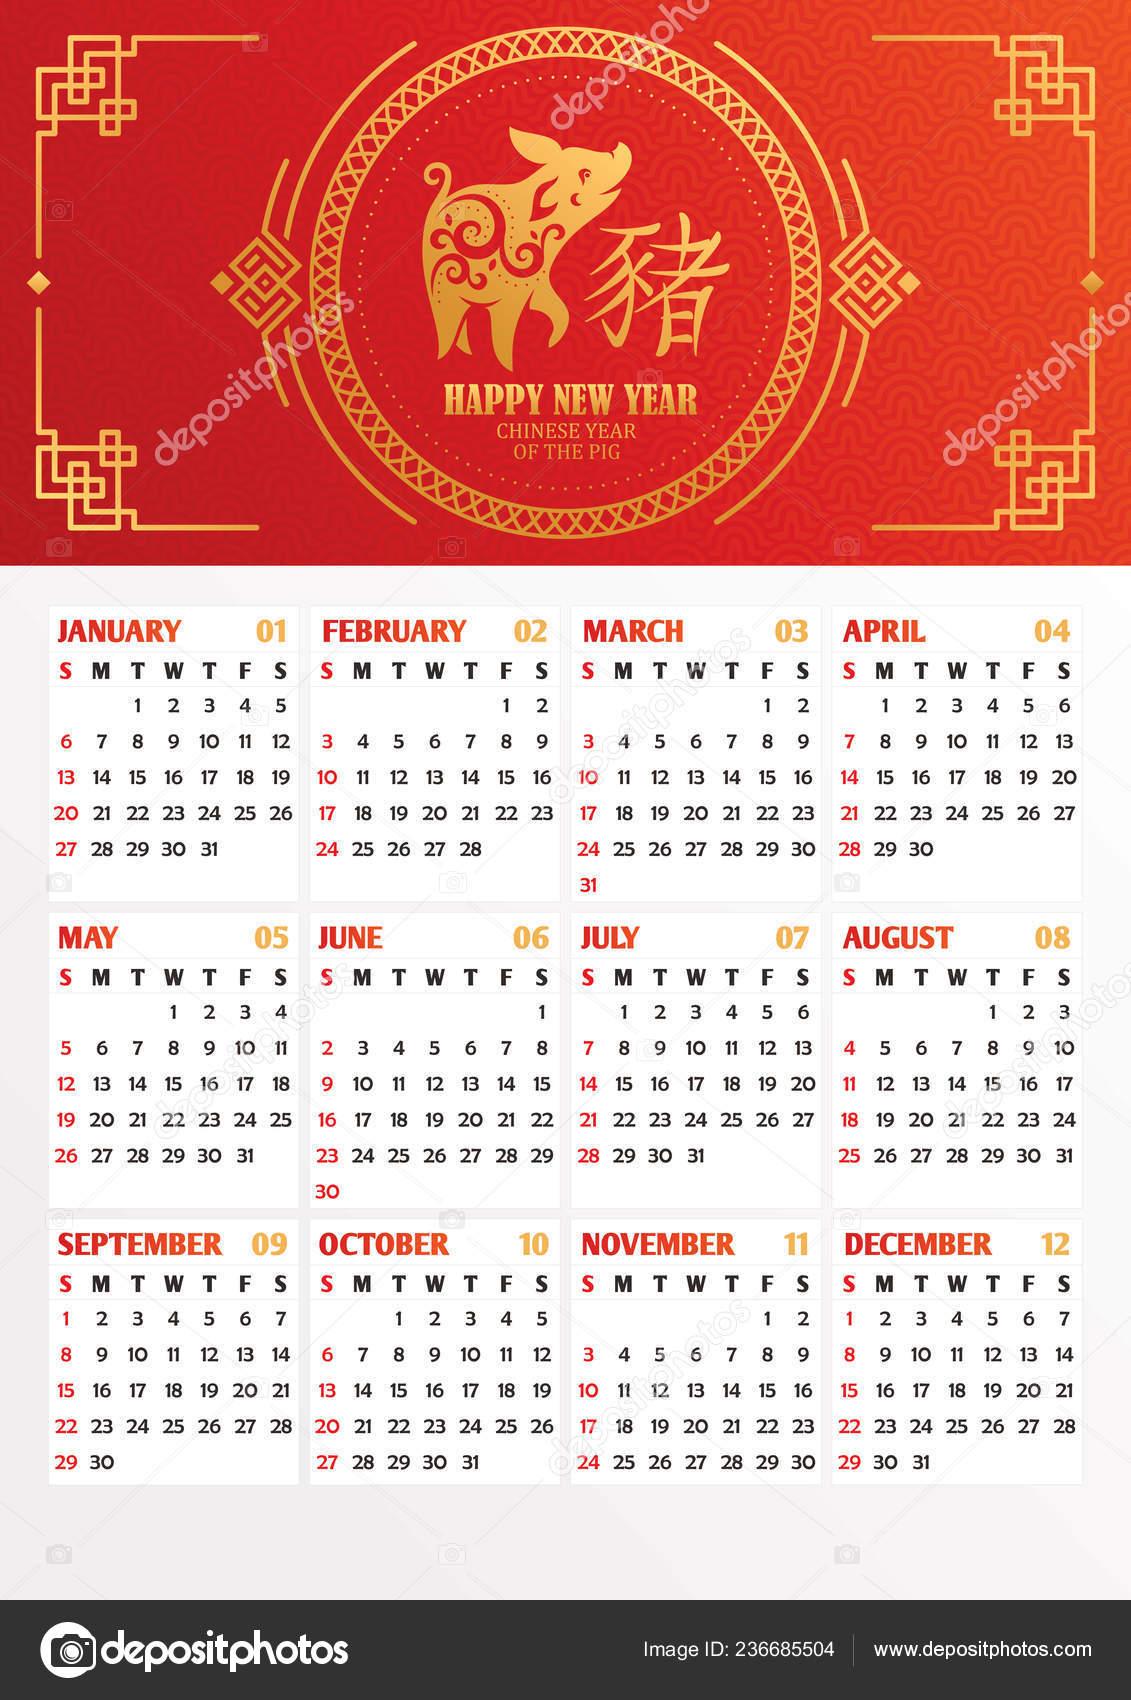 Calendario Traduzione Inglese.Calendario Anno 2019 Con Simbolo Cinese Dell Anno Maiale